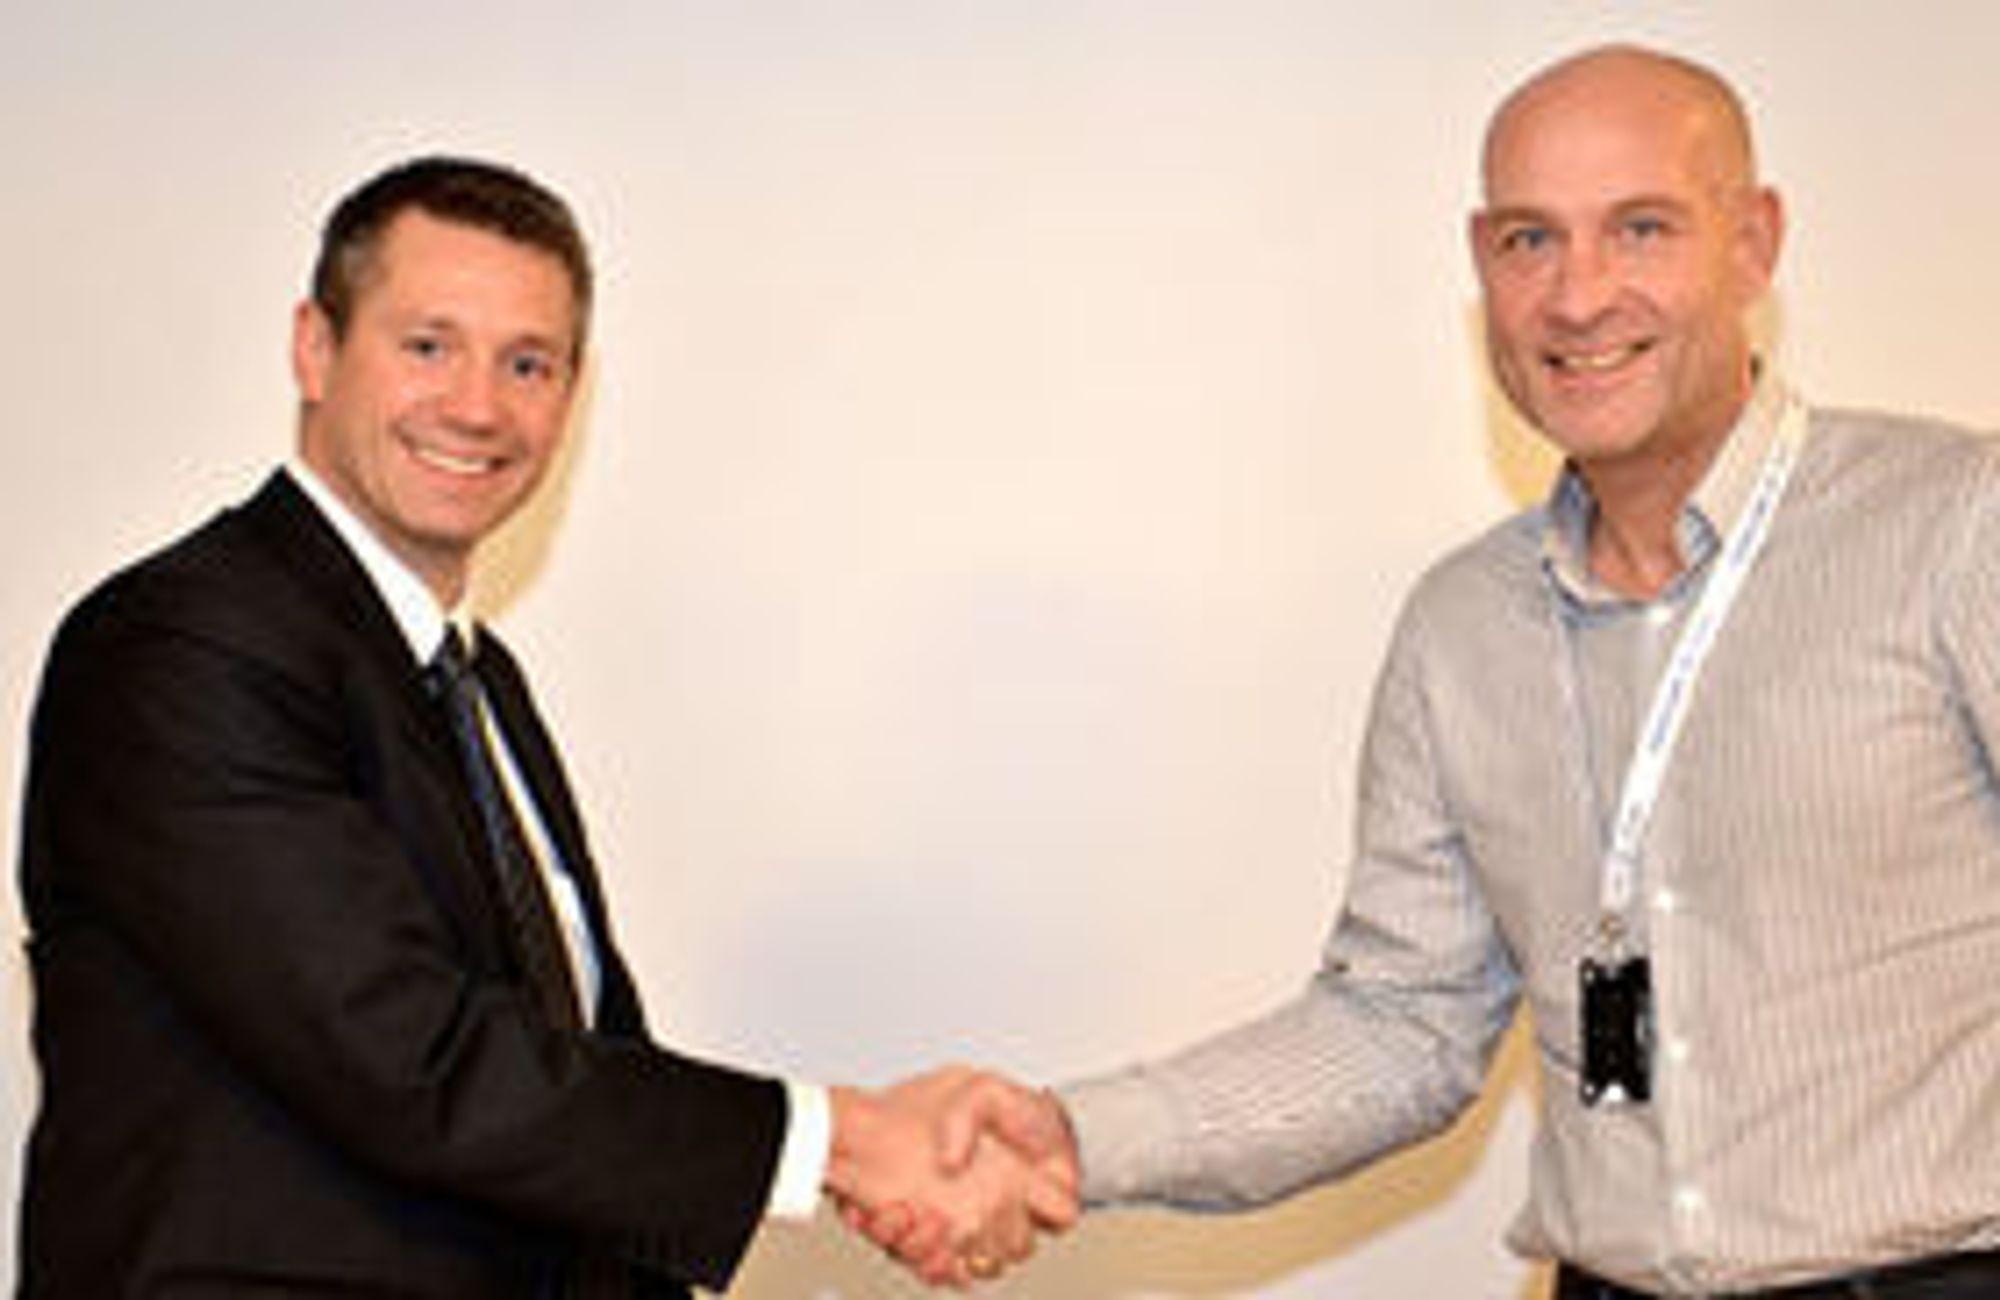 IBM Norges toppsjef (fra v.) Arne Norheim kan smile etter å ha signert kontrakt med Helse Midt-Norge og Trond Michael Andersen. Nå er de klare for første etappe i et prosjekt som tidligere ble stoppet.